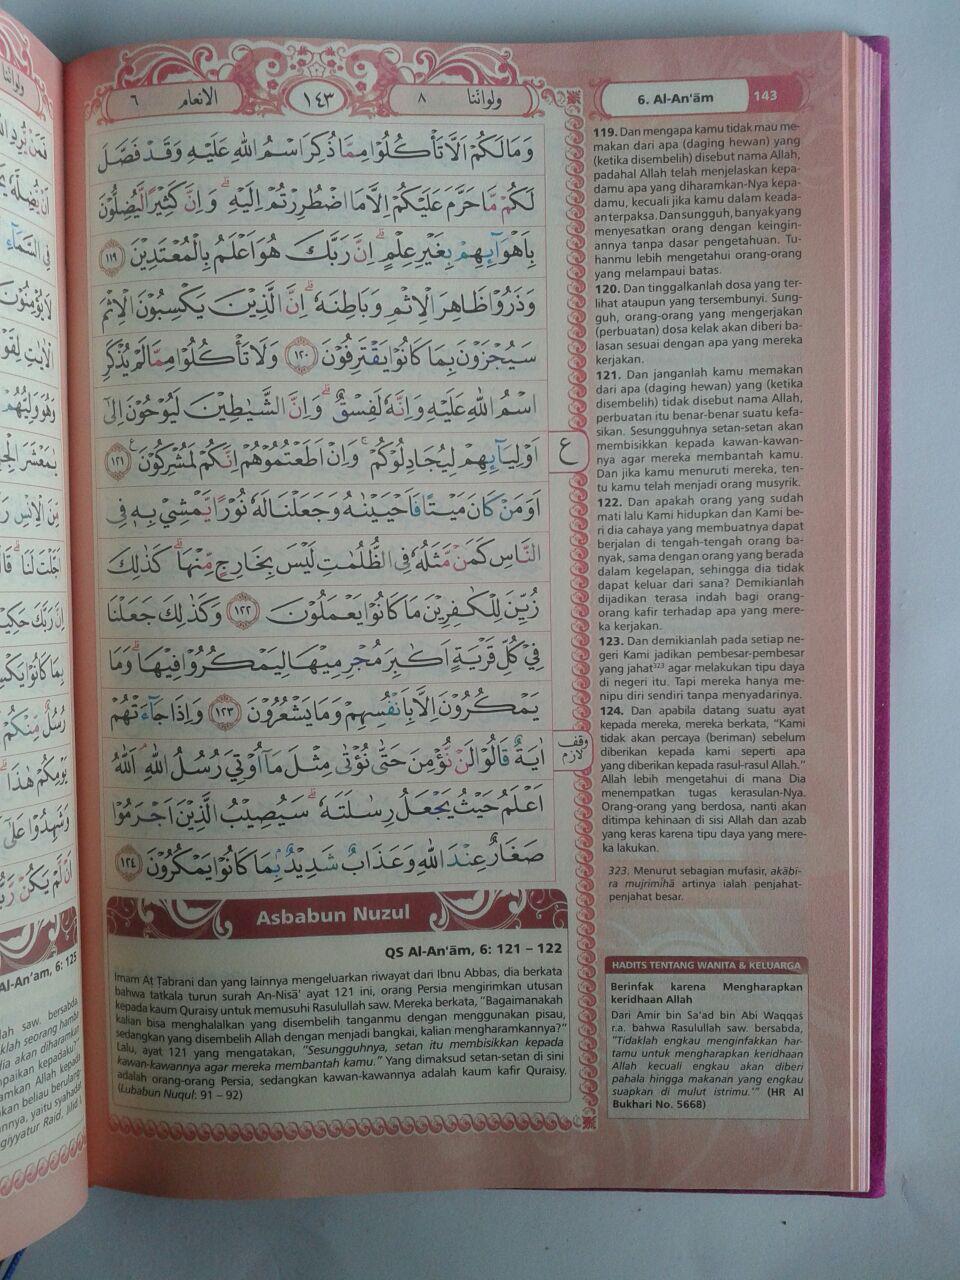 Al-Qur'an Tajwid Azalia Ukuran A5 Sampul Bludru isiAl-Qur'an Tajwid Azalia Ukuran A5 Sampul Bludru isi